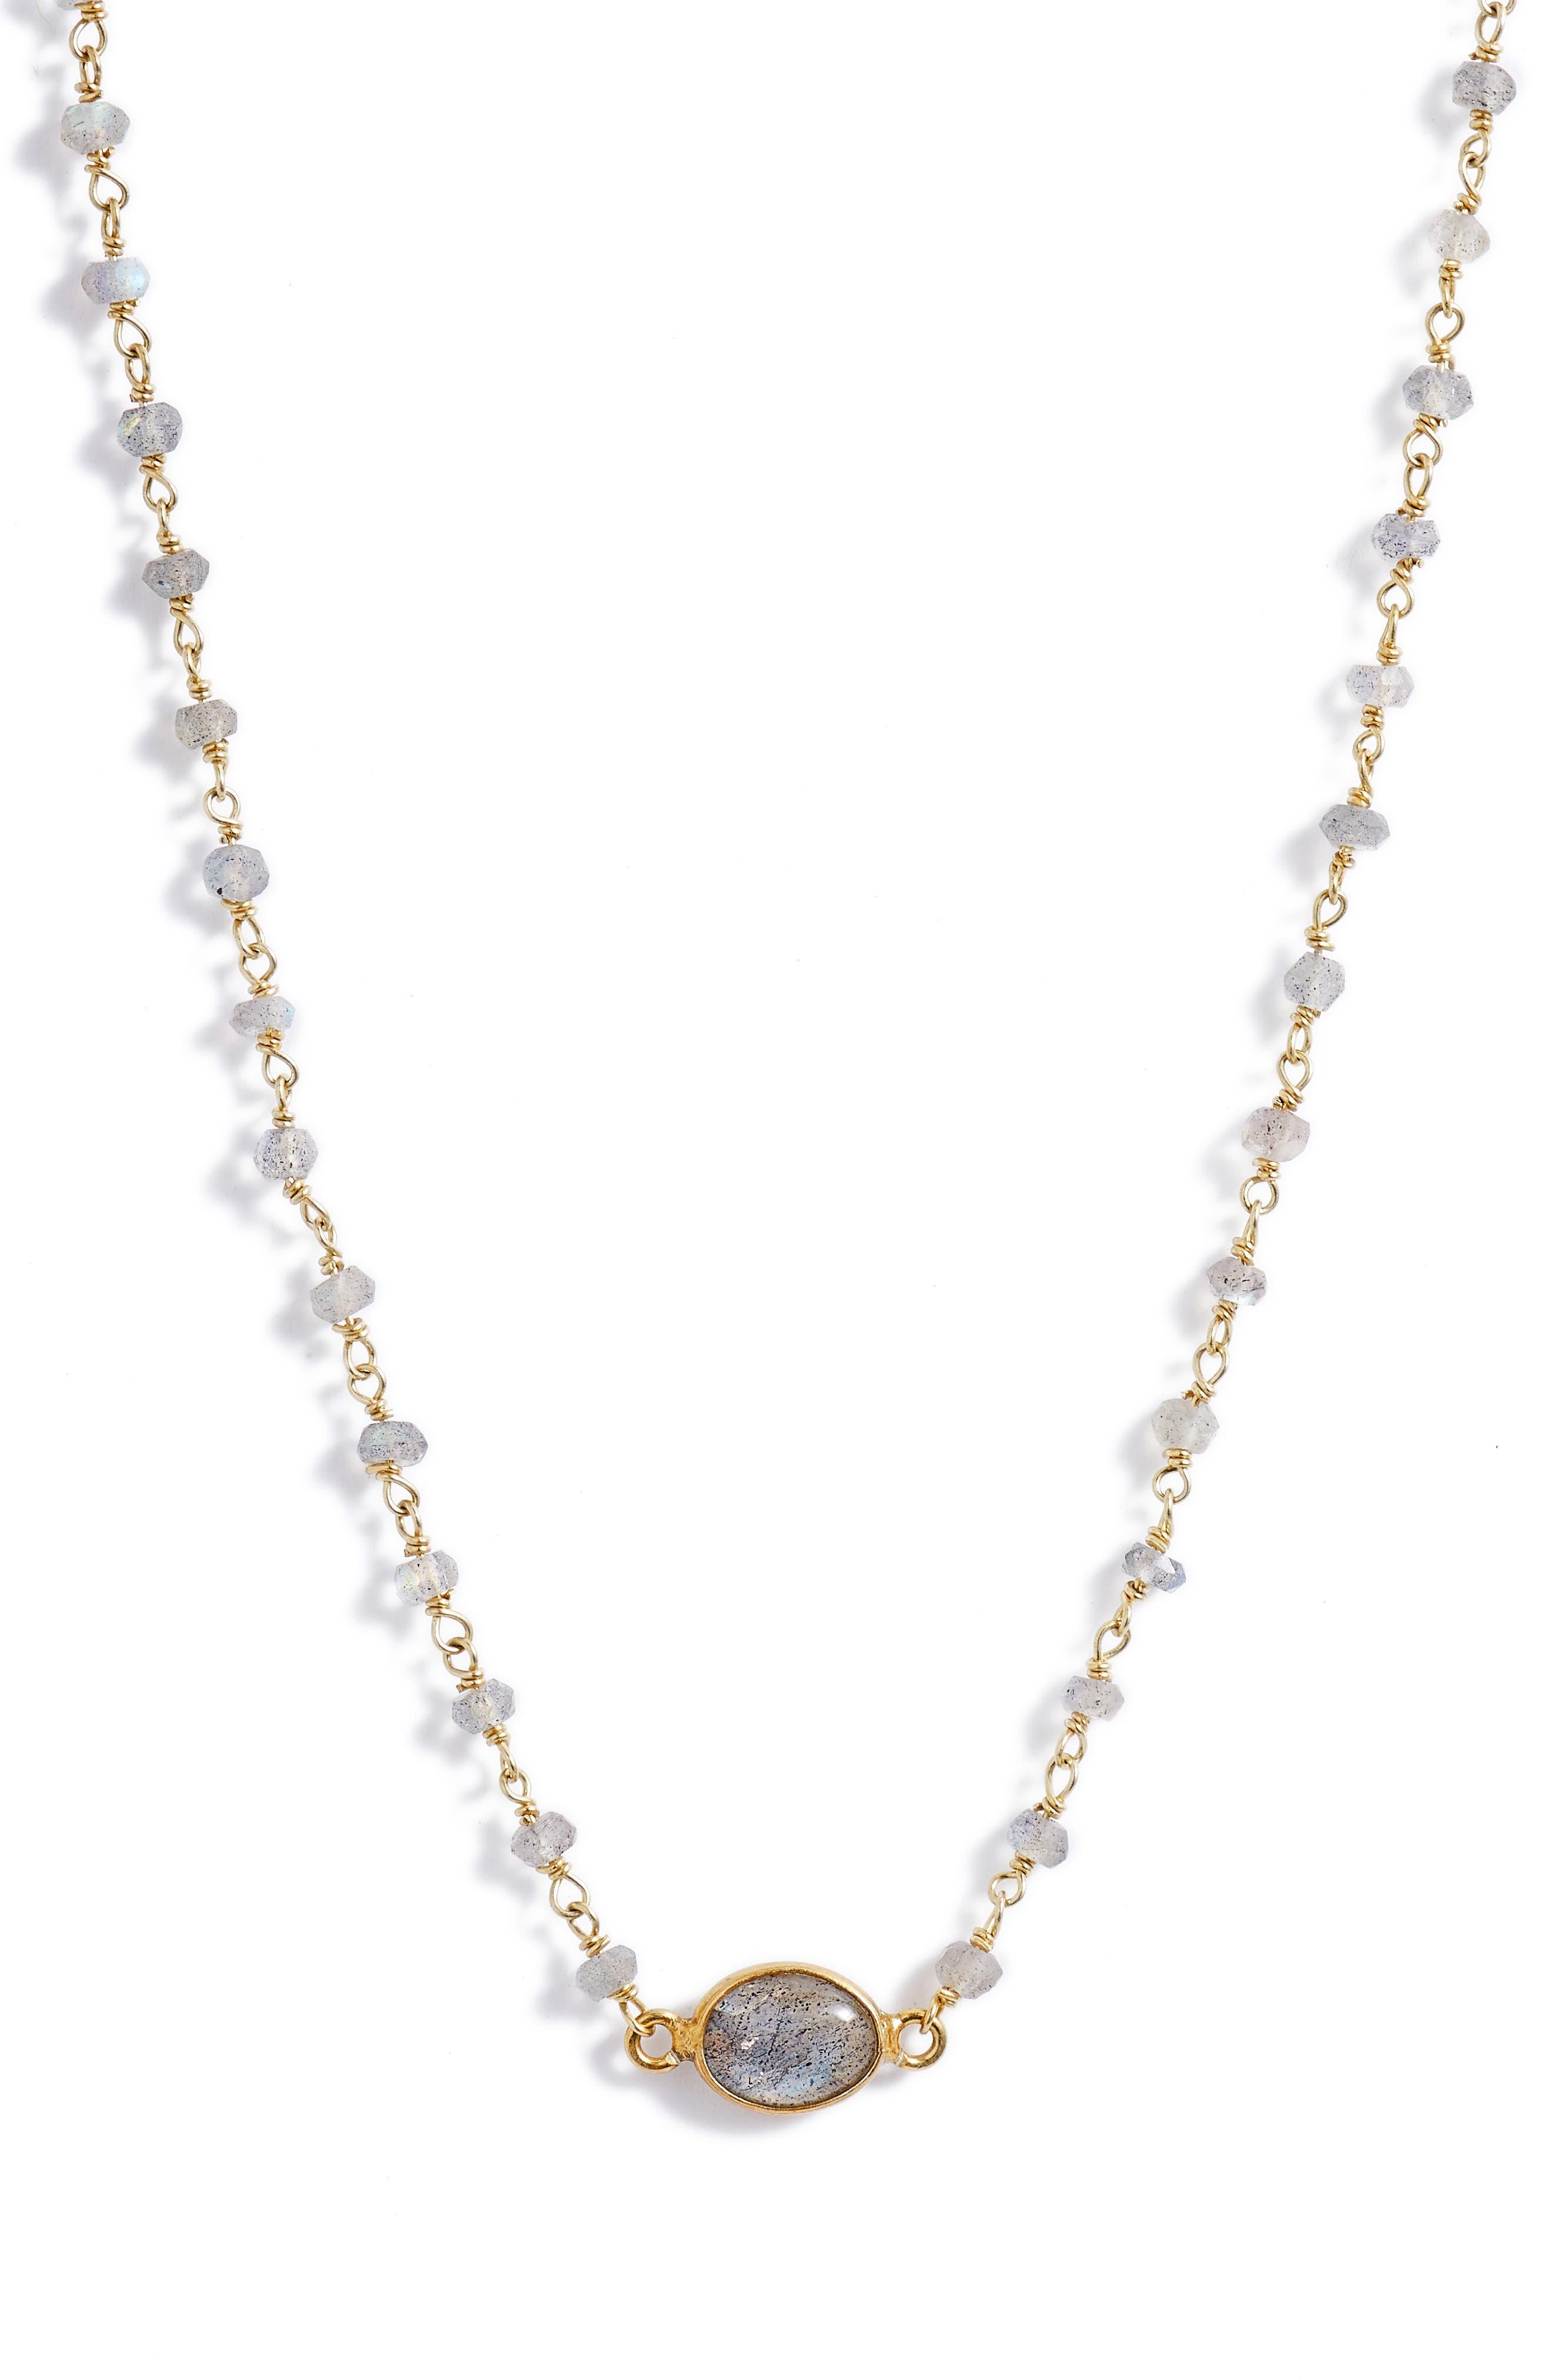 Libi Semiprecious Stone Collar Necklace,                             Main thumbnail 1, color,                             LABRADORITE